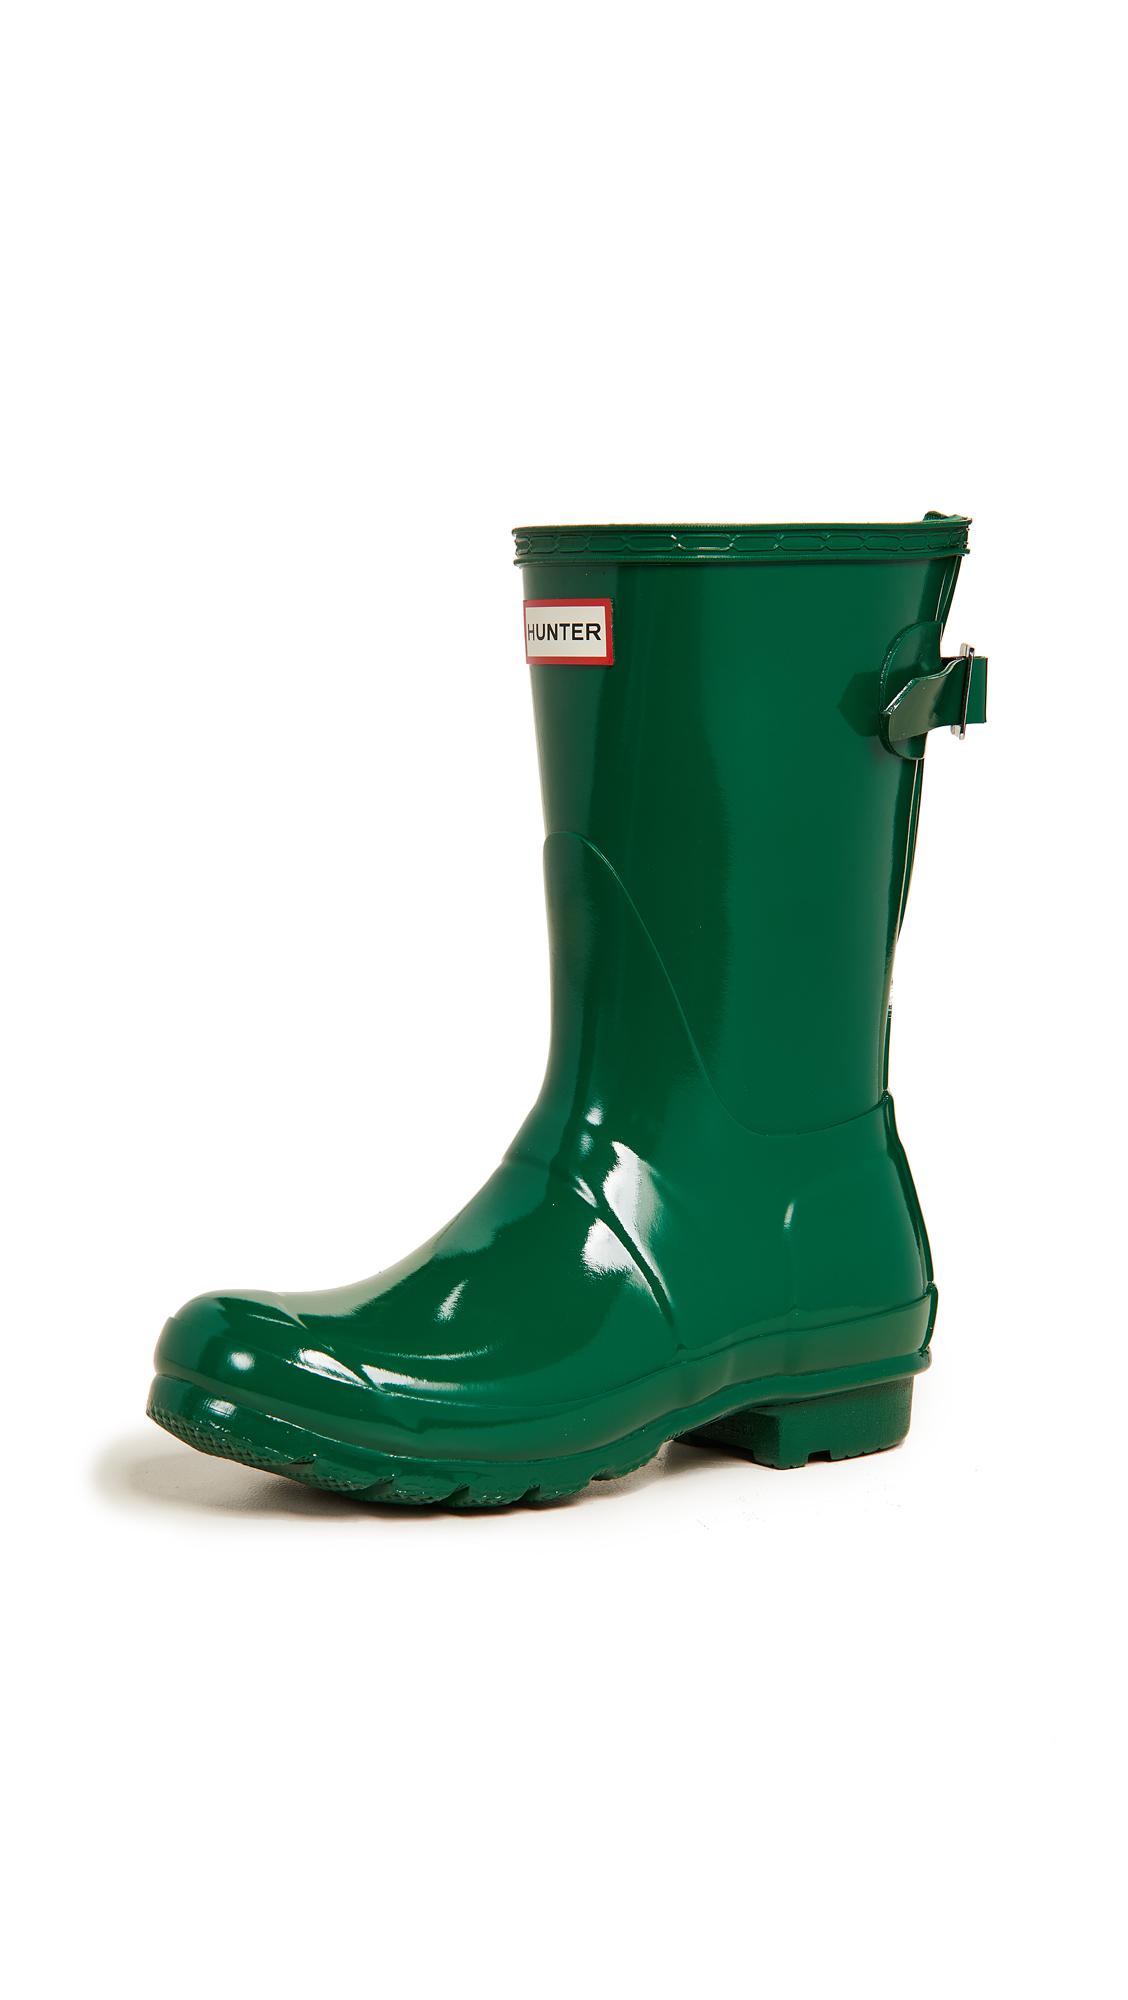 Hunter Boots Original Short Boots - Hyper Green